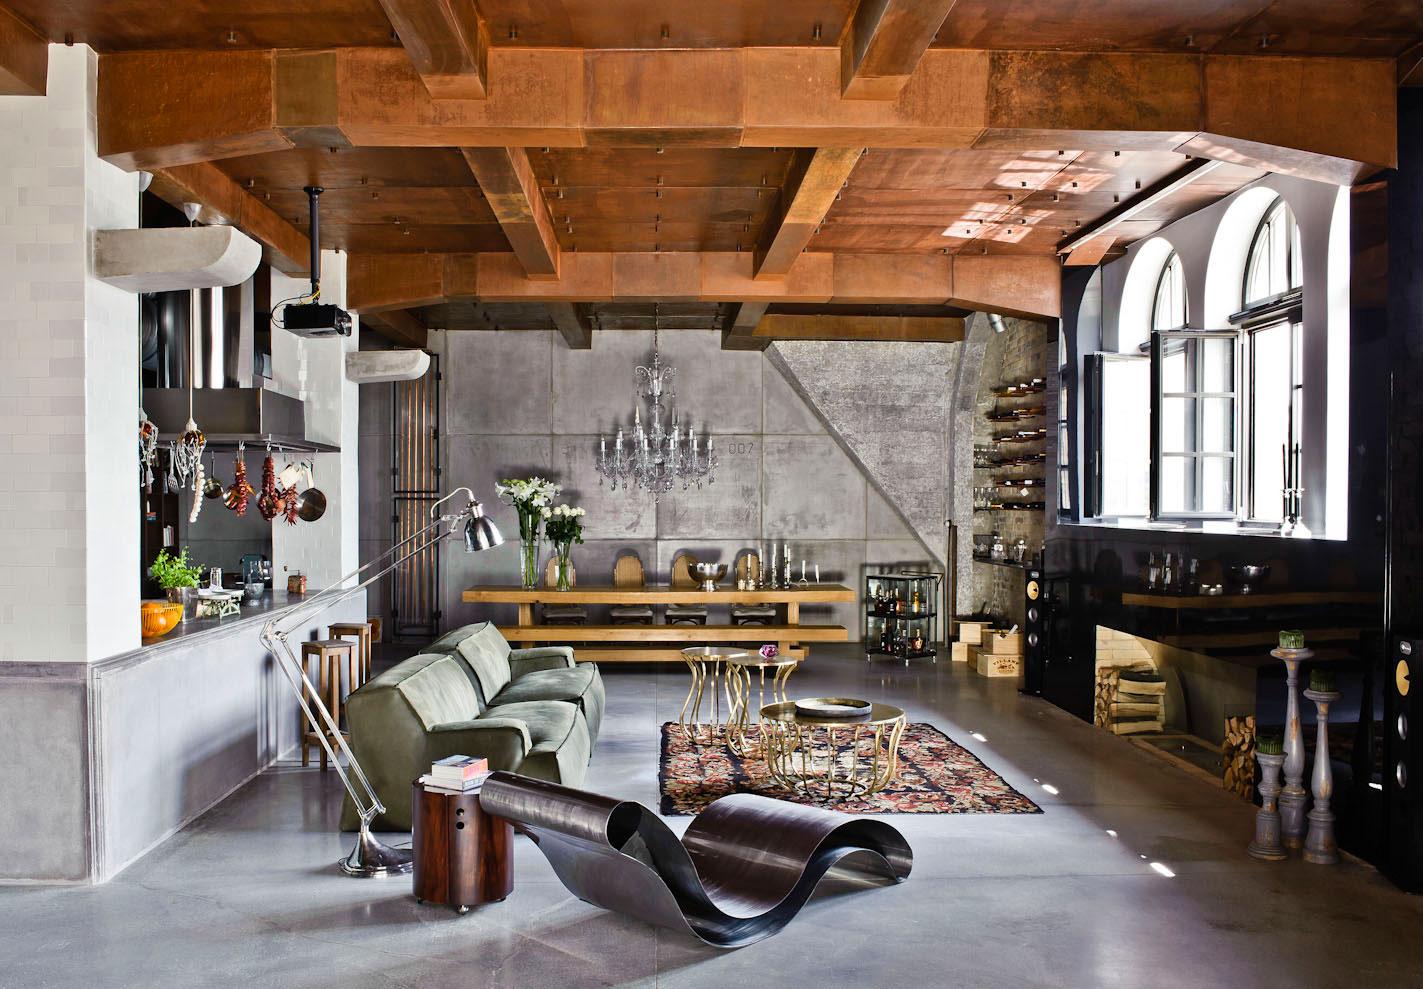 Железная мебель в студии лофт